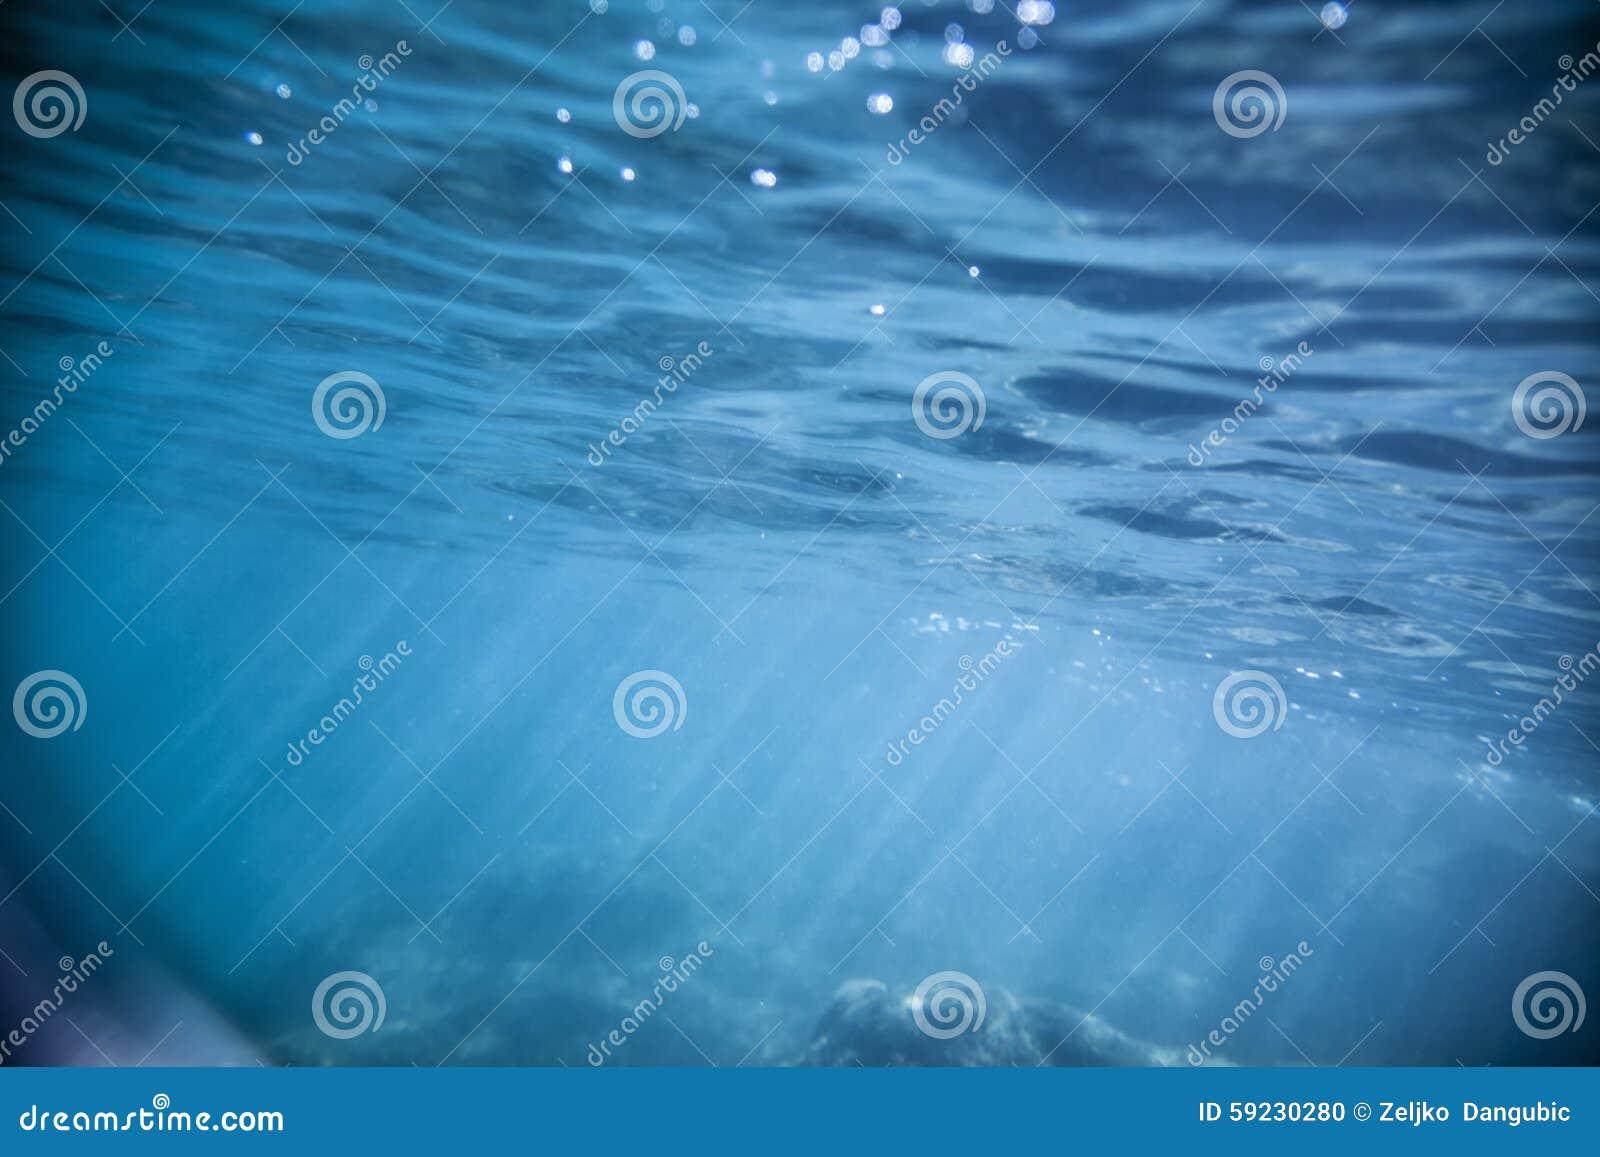 Download Bajo el agua foto de archivo. Imagen de salto, superficie - 59230280